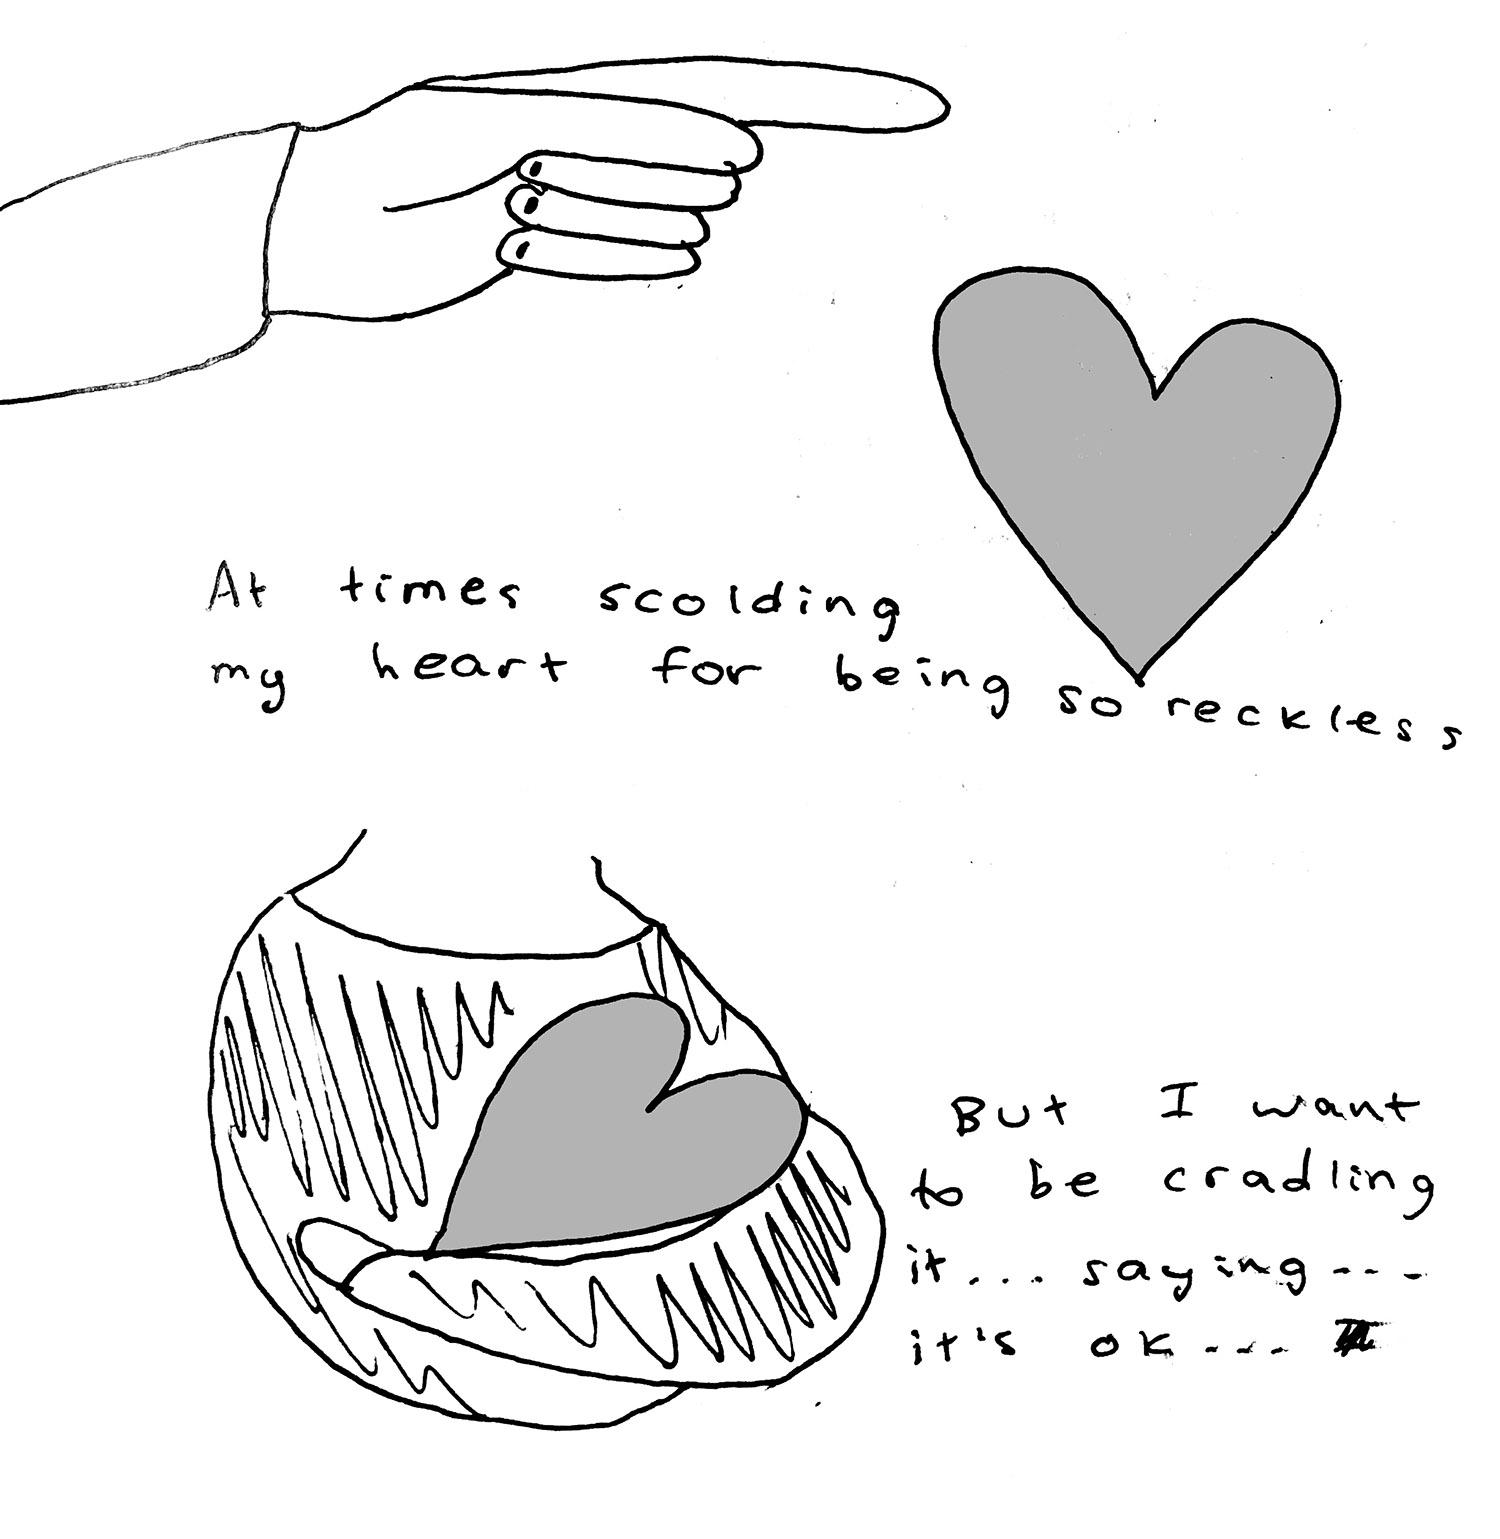 reckless heart.jpg